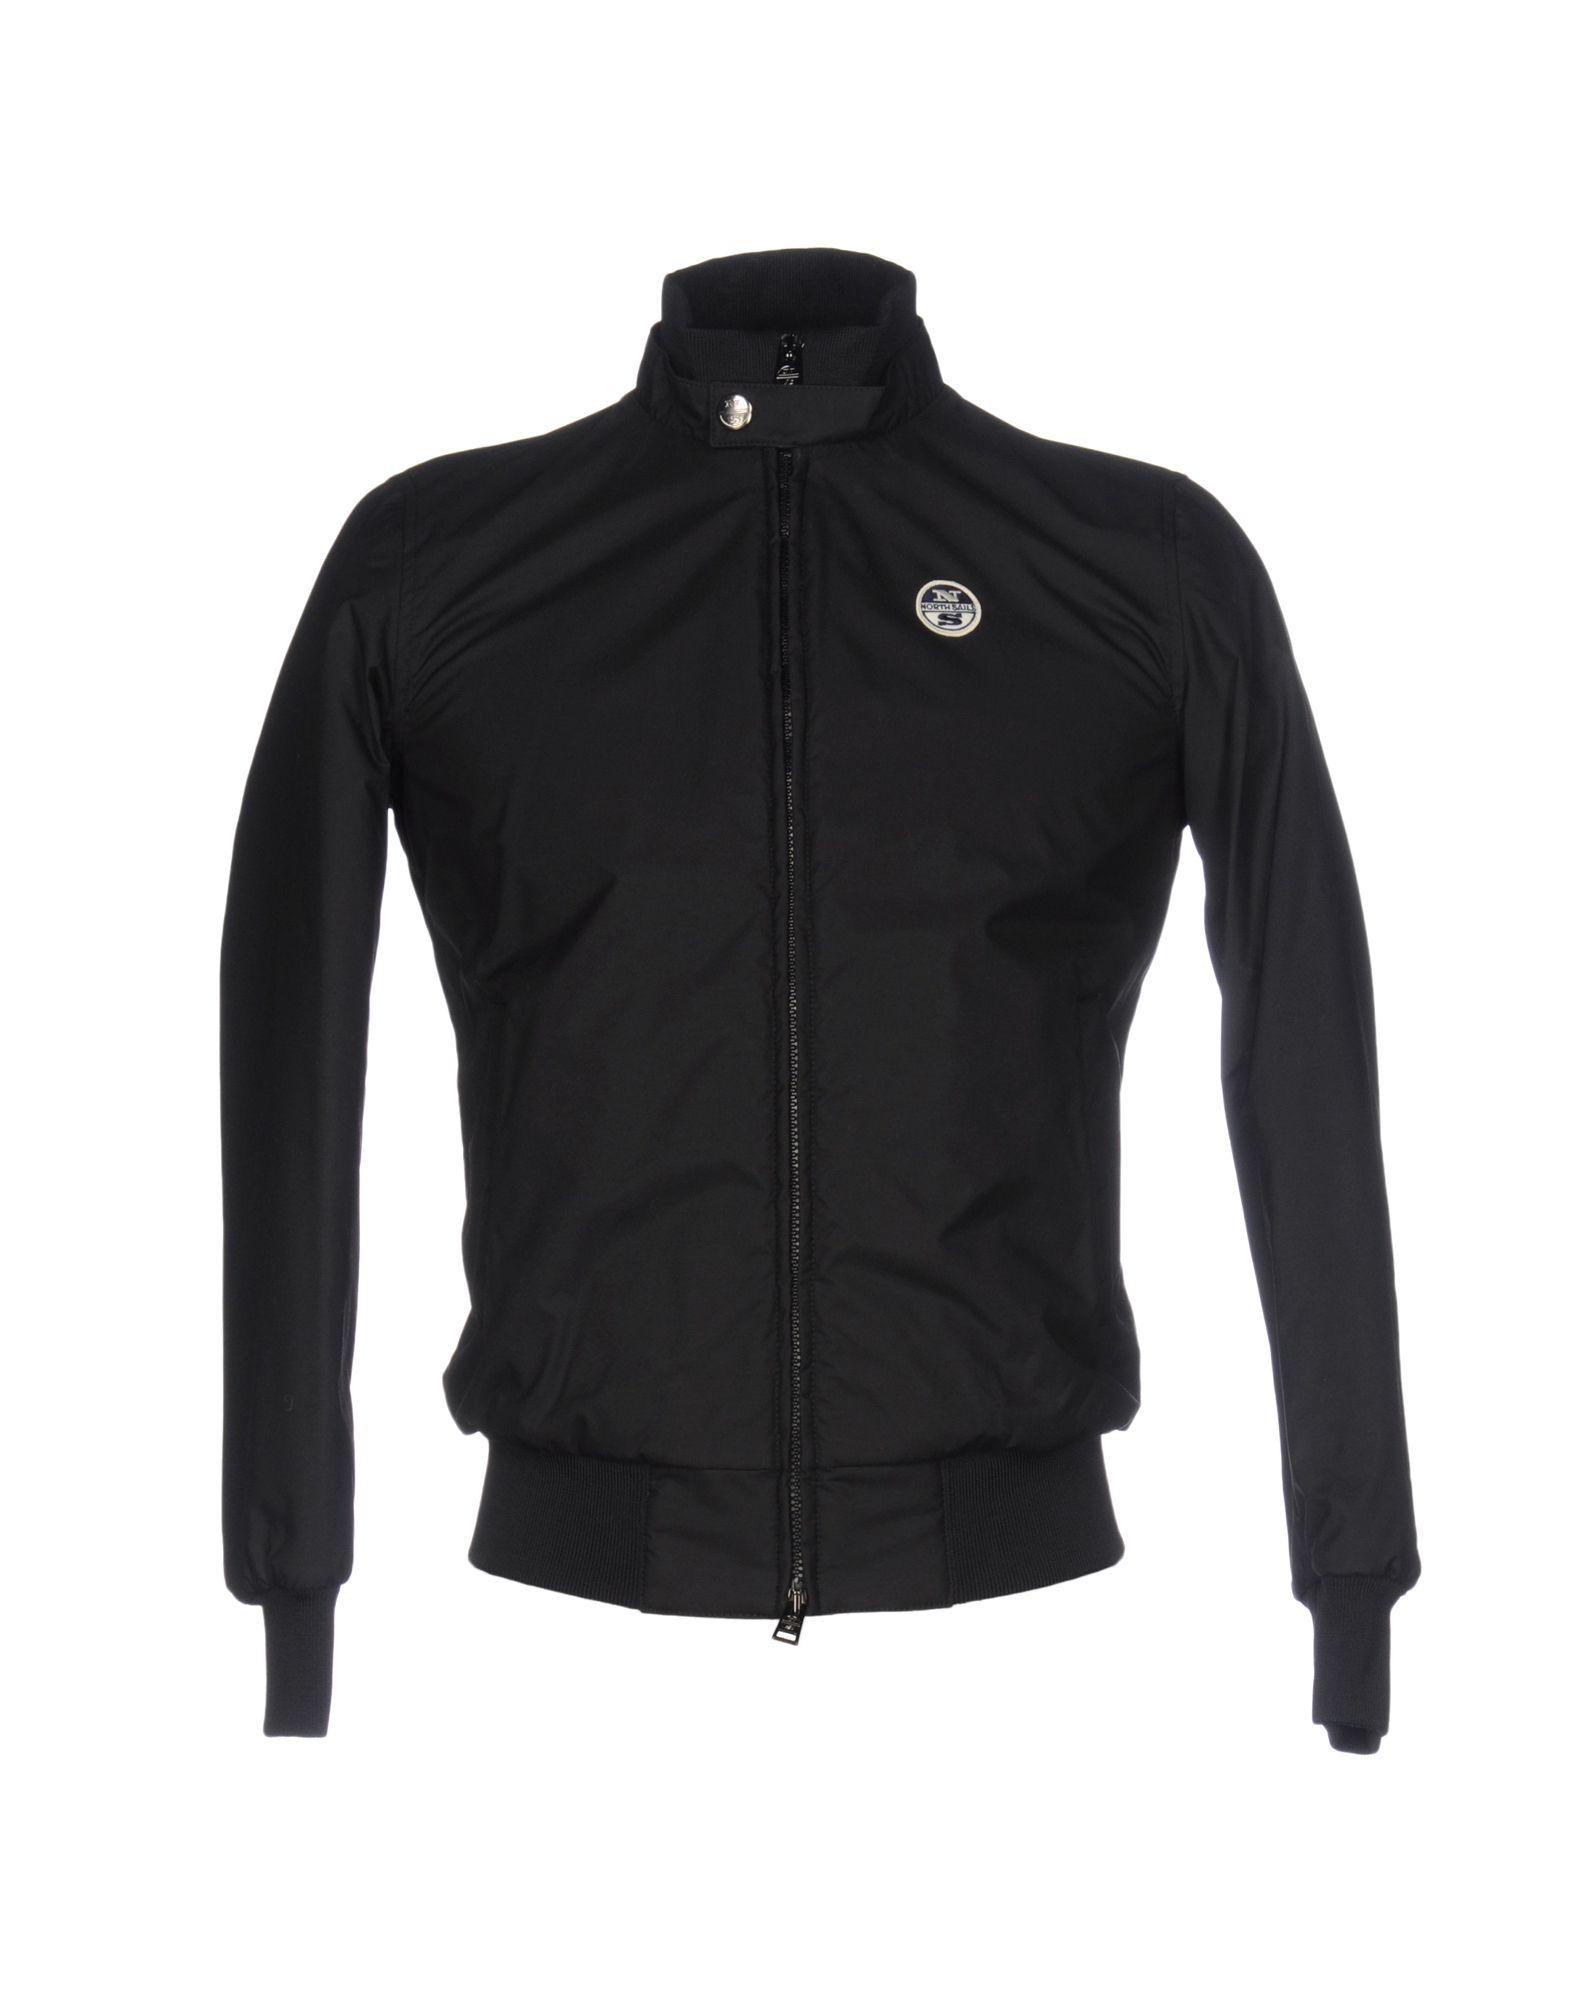 NORTH SAILS Herren Jacke Farbe Schwarz Größe 4 jetztbilligerkaufen